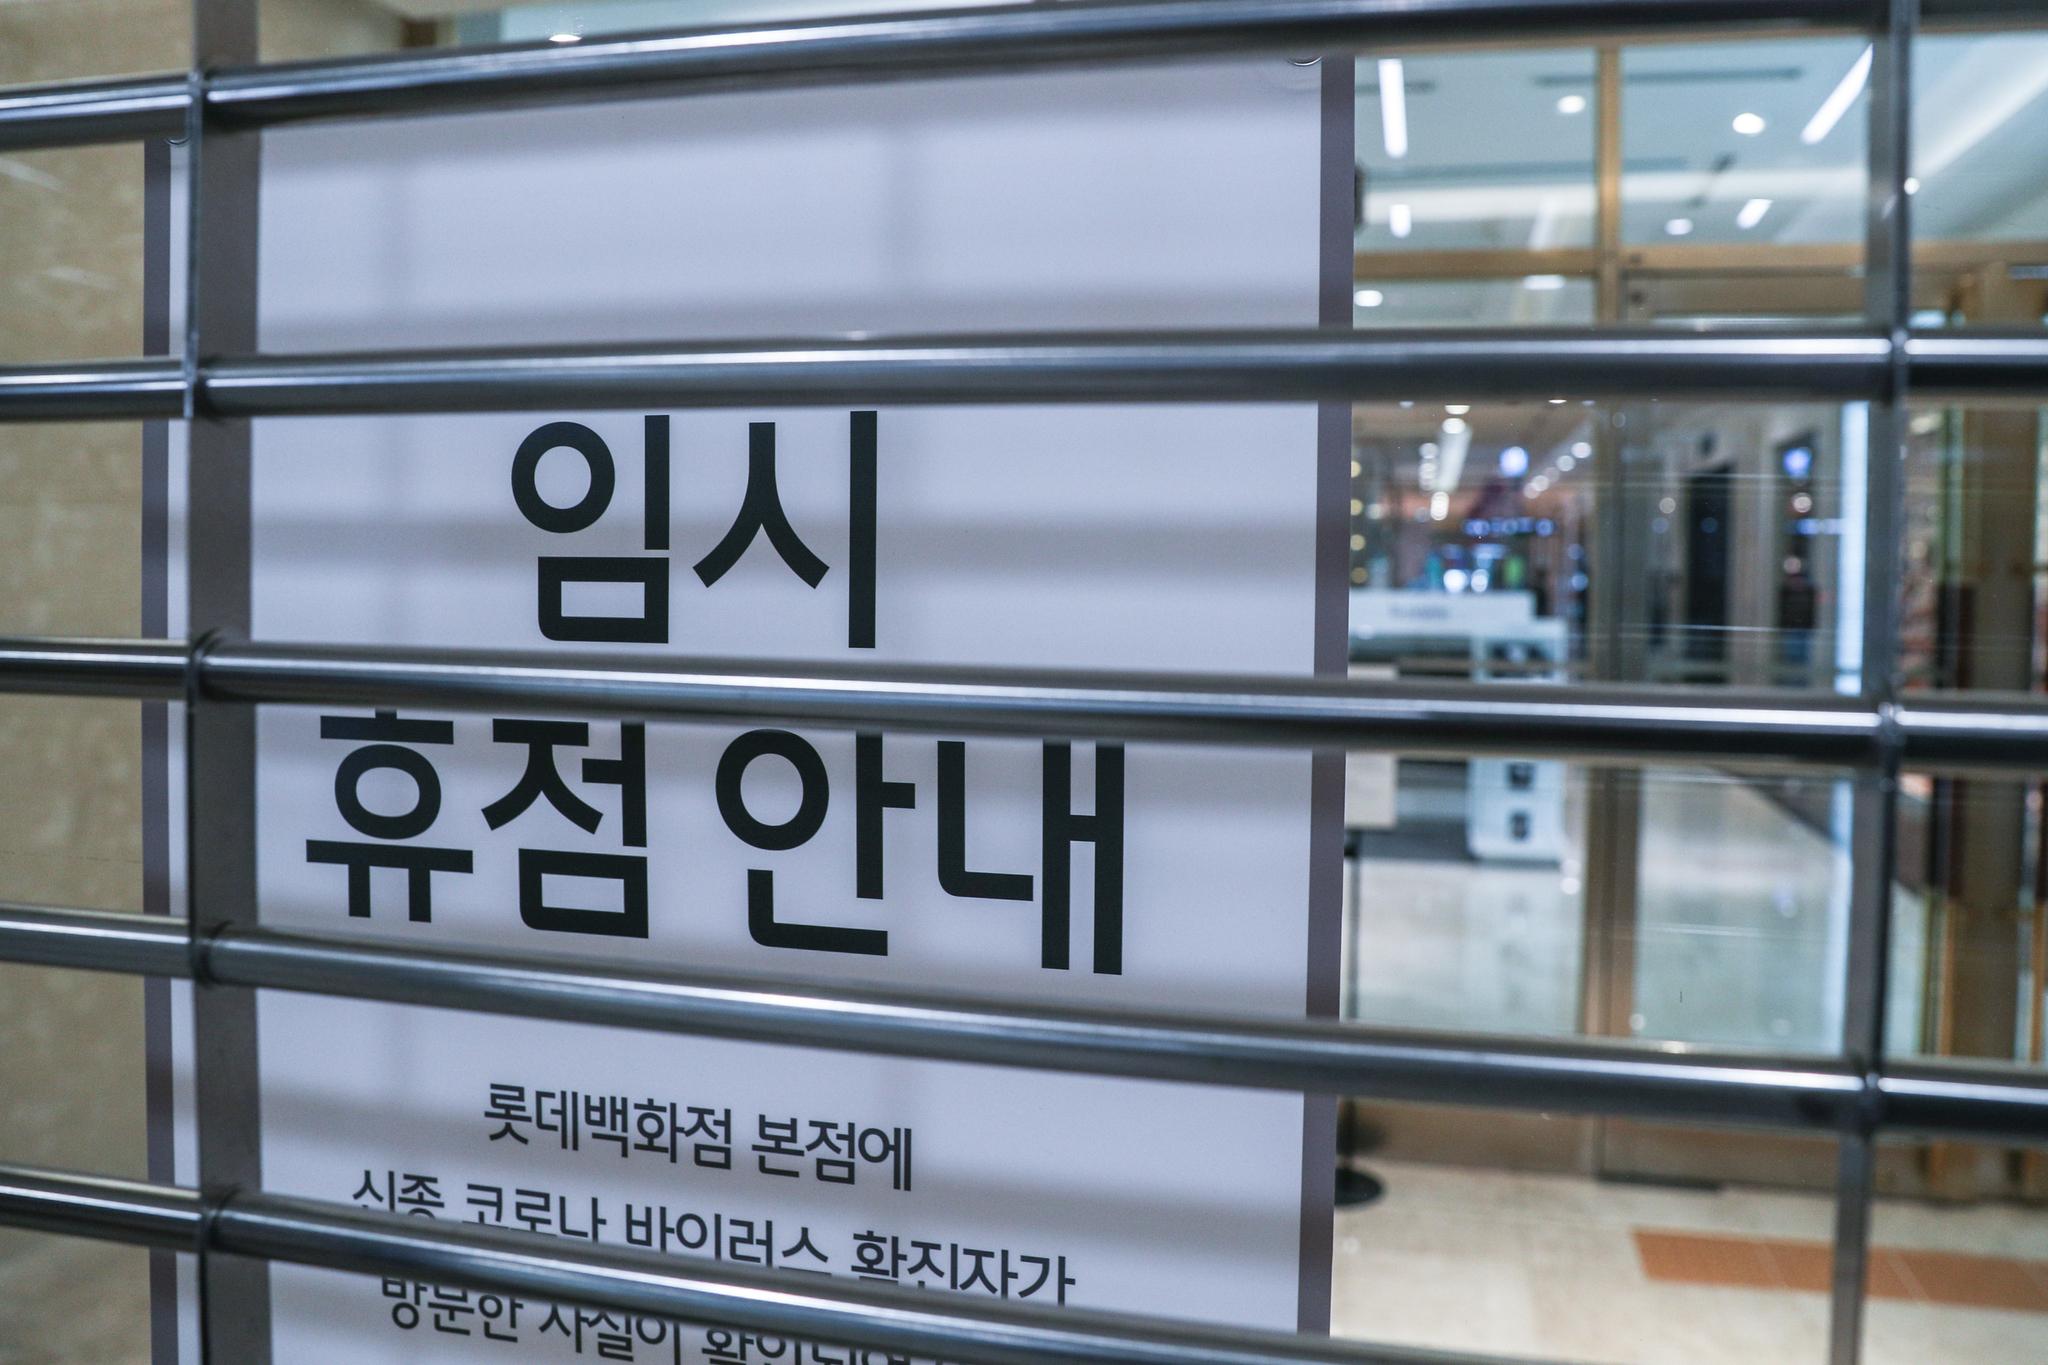 7일 오후 서울 중구 롯데백화점 본점에 휴점 안내문이 붙어 있다. 지난 2일 23번째 확진자가 1시간 가량 머물렀다고 한다. [뉴스1]